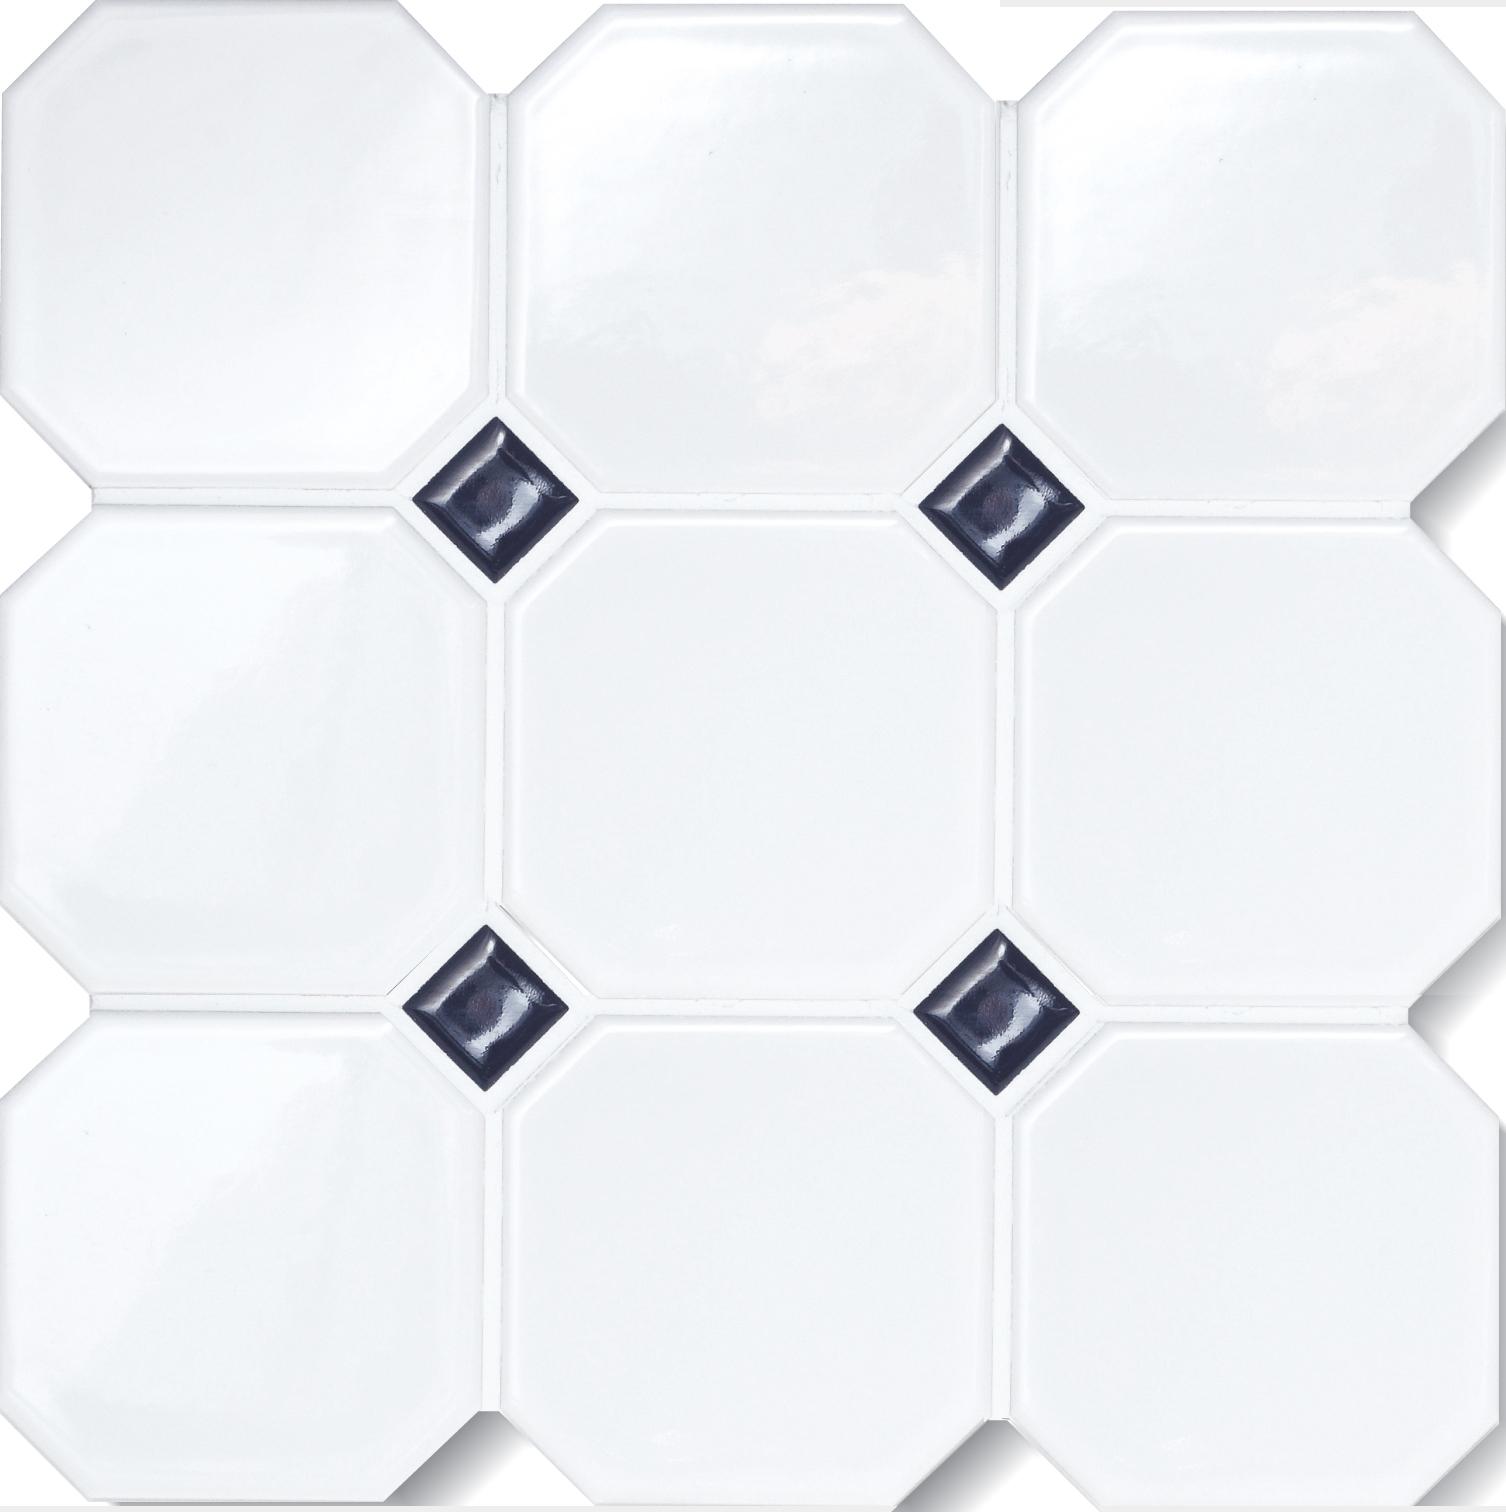 octagon matte white 4x4 octagon w o dots